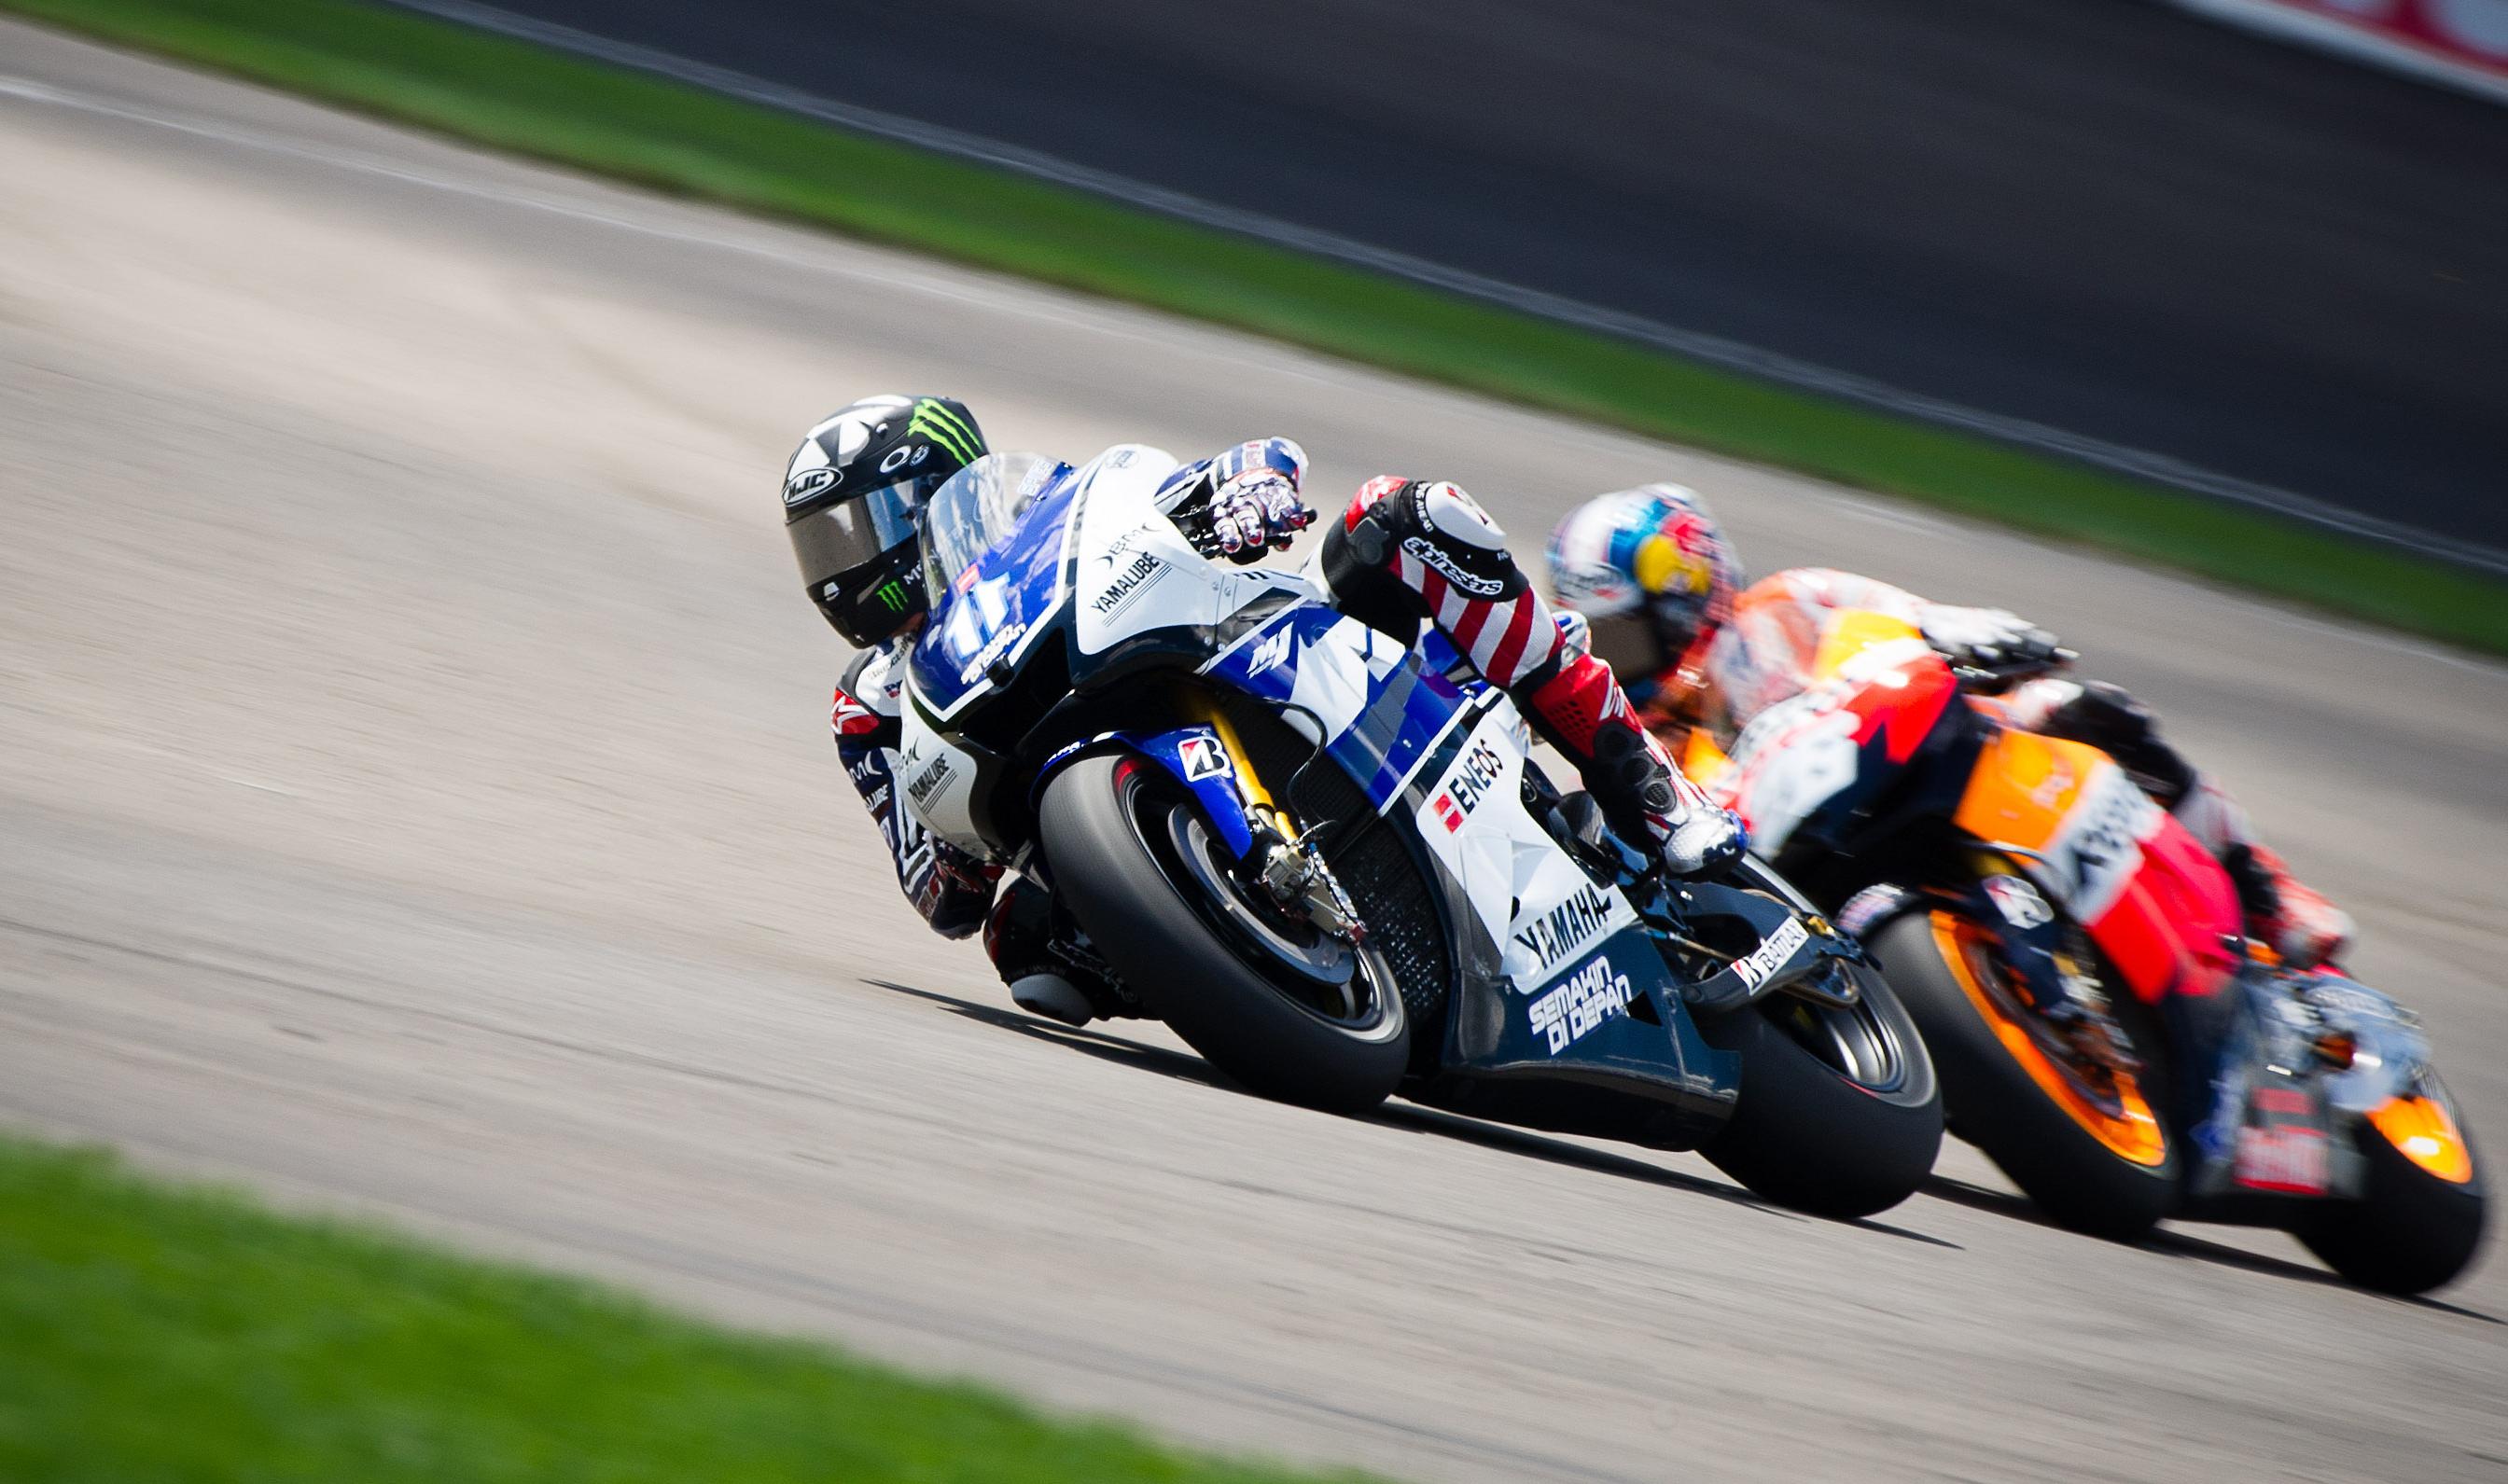 Motorcycle_Yamaha_MotoGP